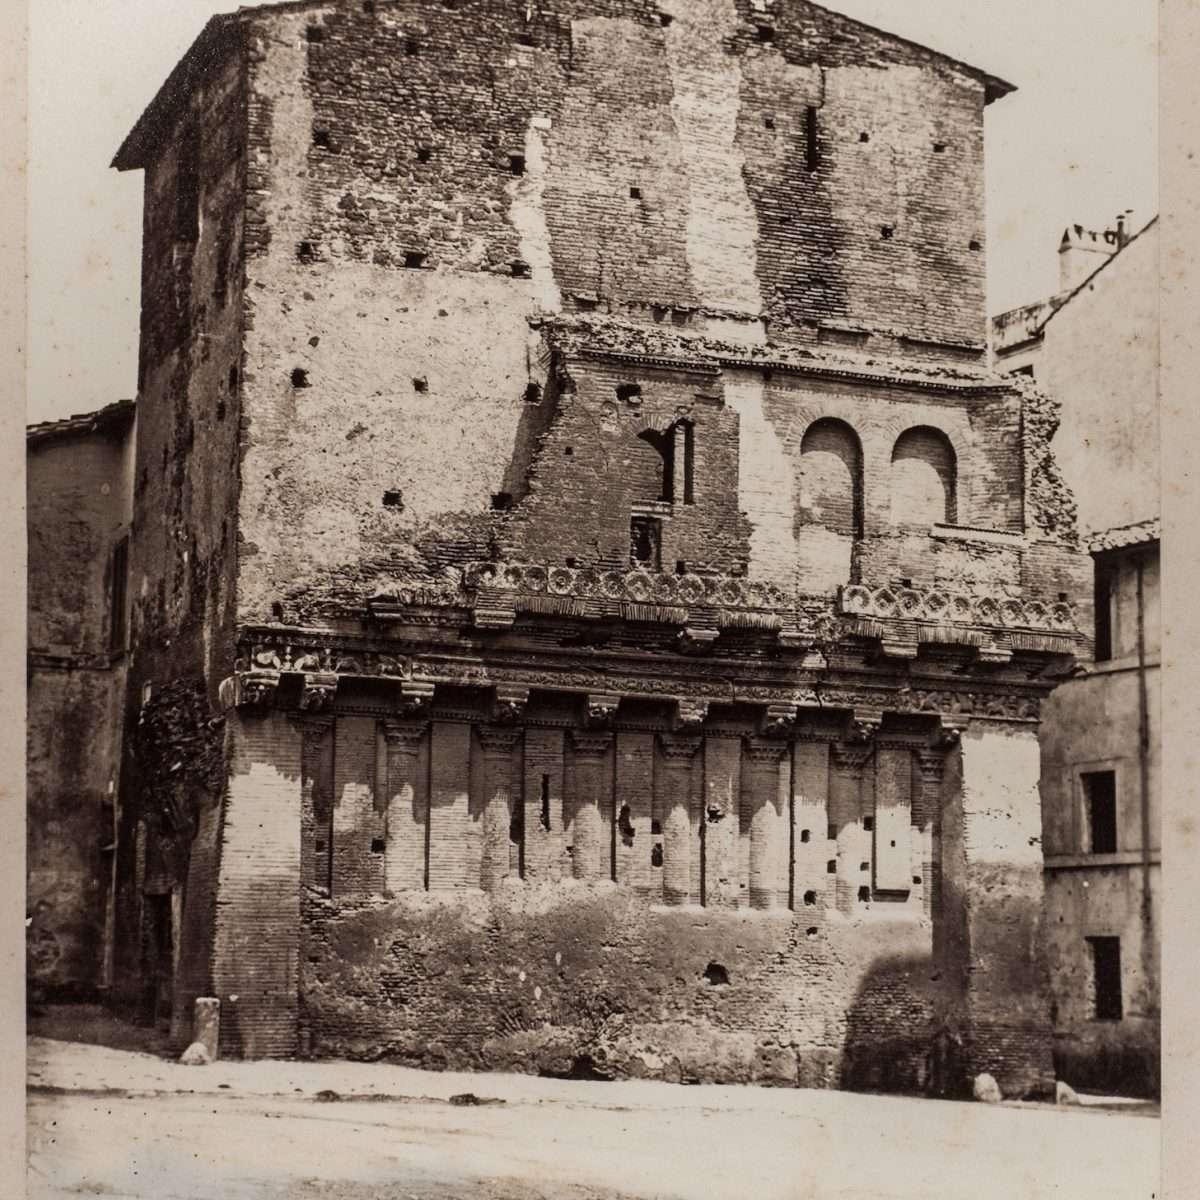 L-1090169 - Casa di Cola da Rienzo - 1875